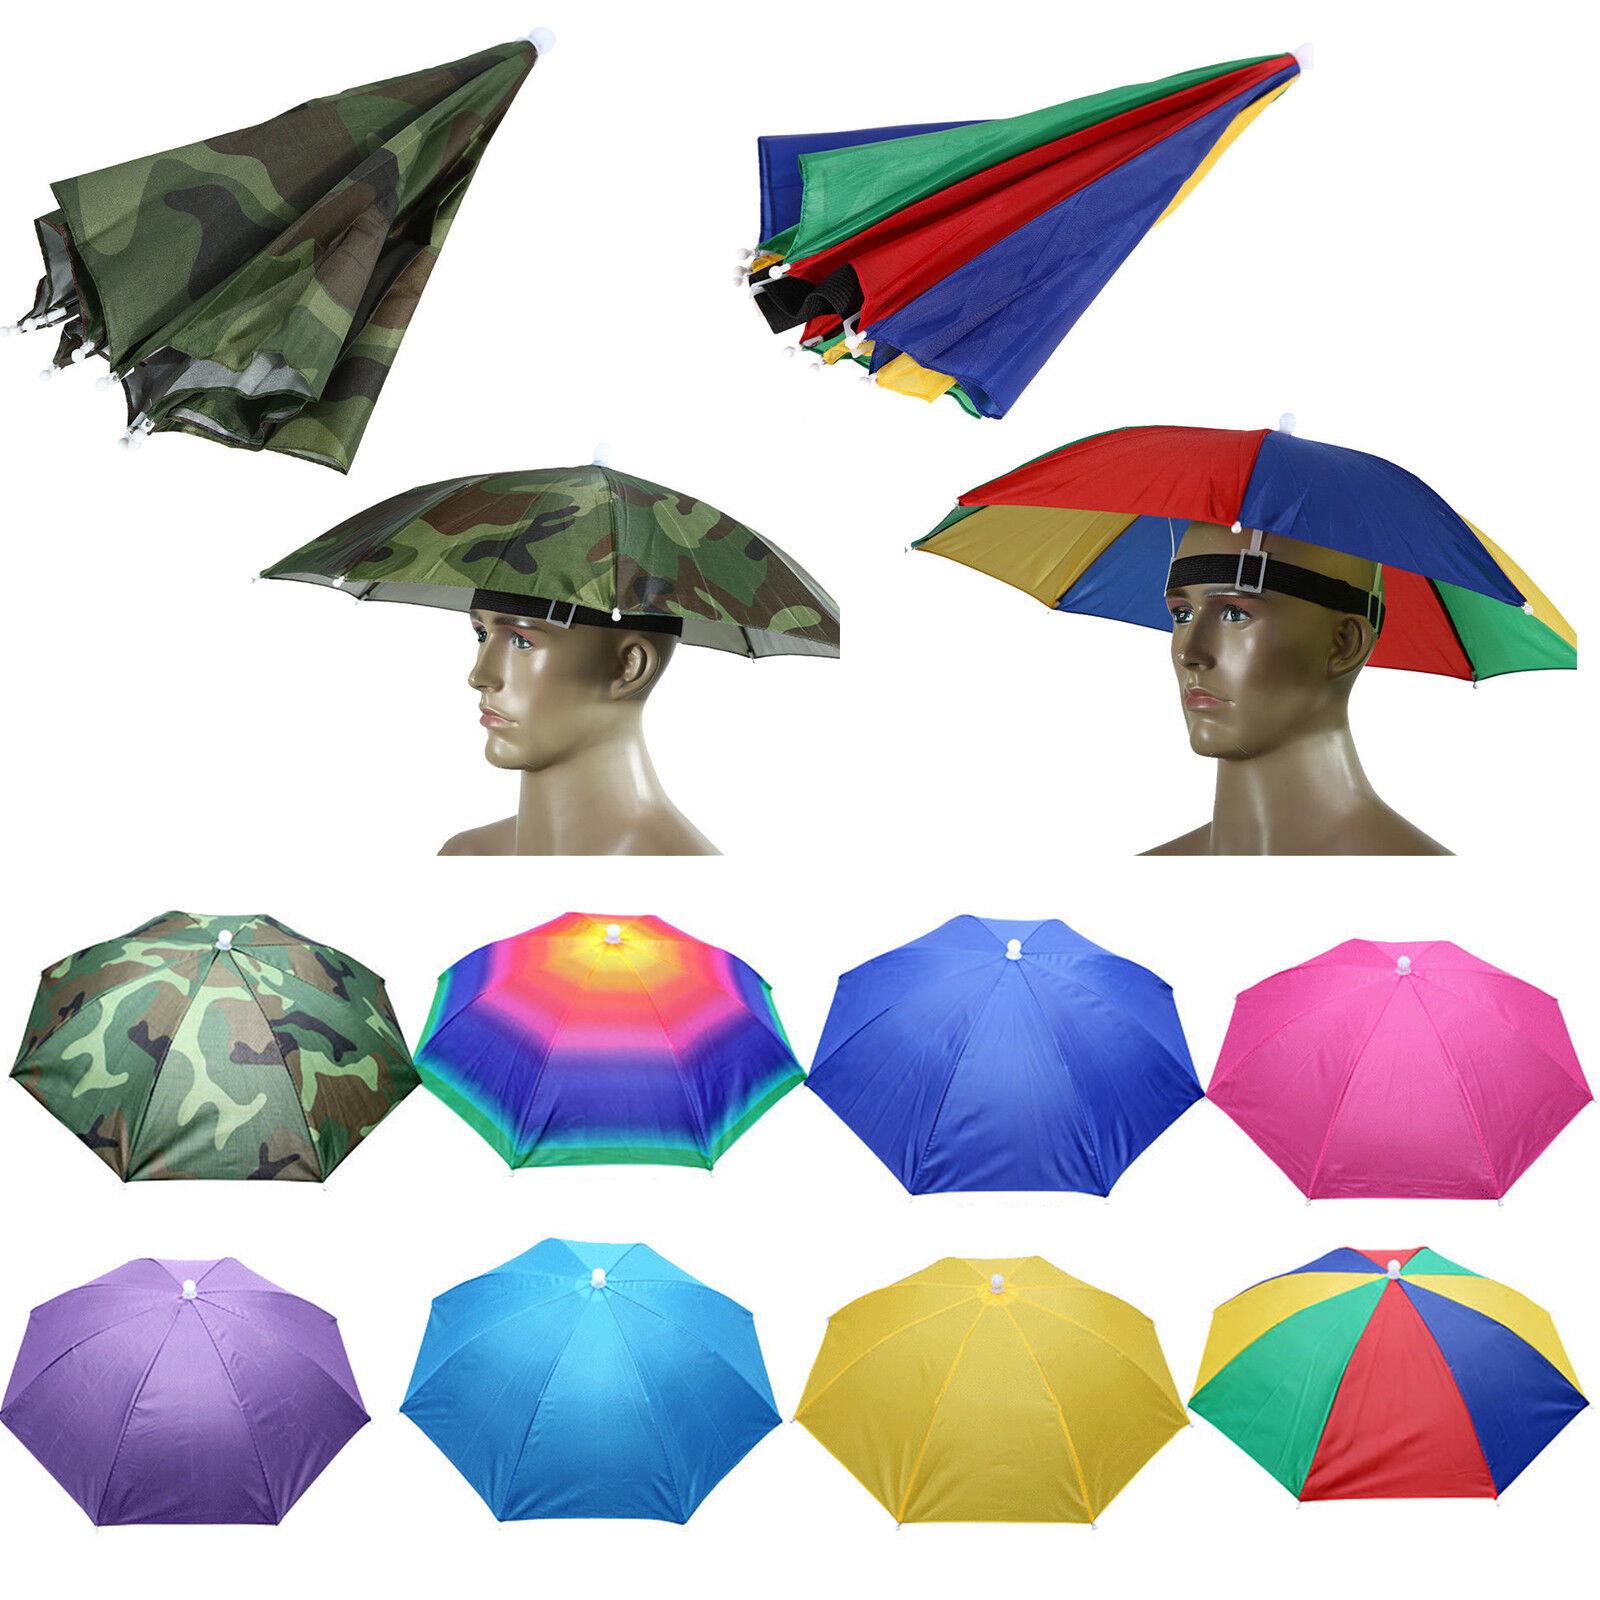 Mens Womens Rainbow Fishing Umbrella Hat Sun Rain Camping Headwear Foldable Cap